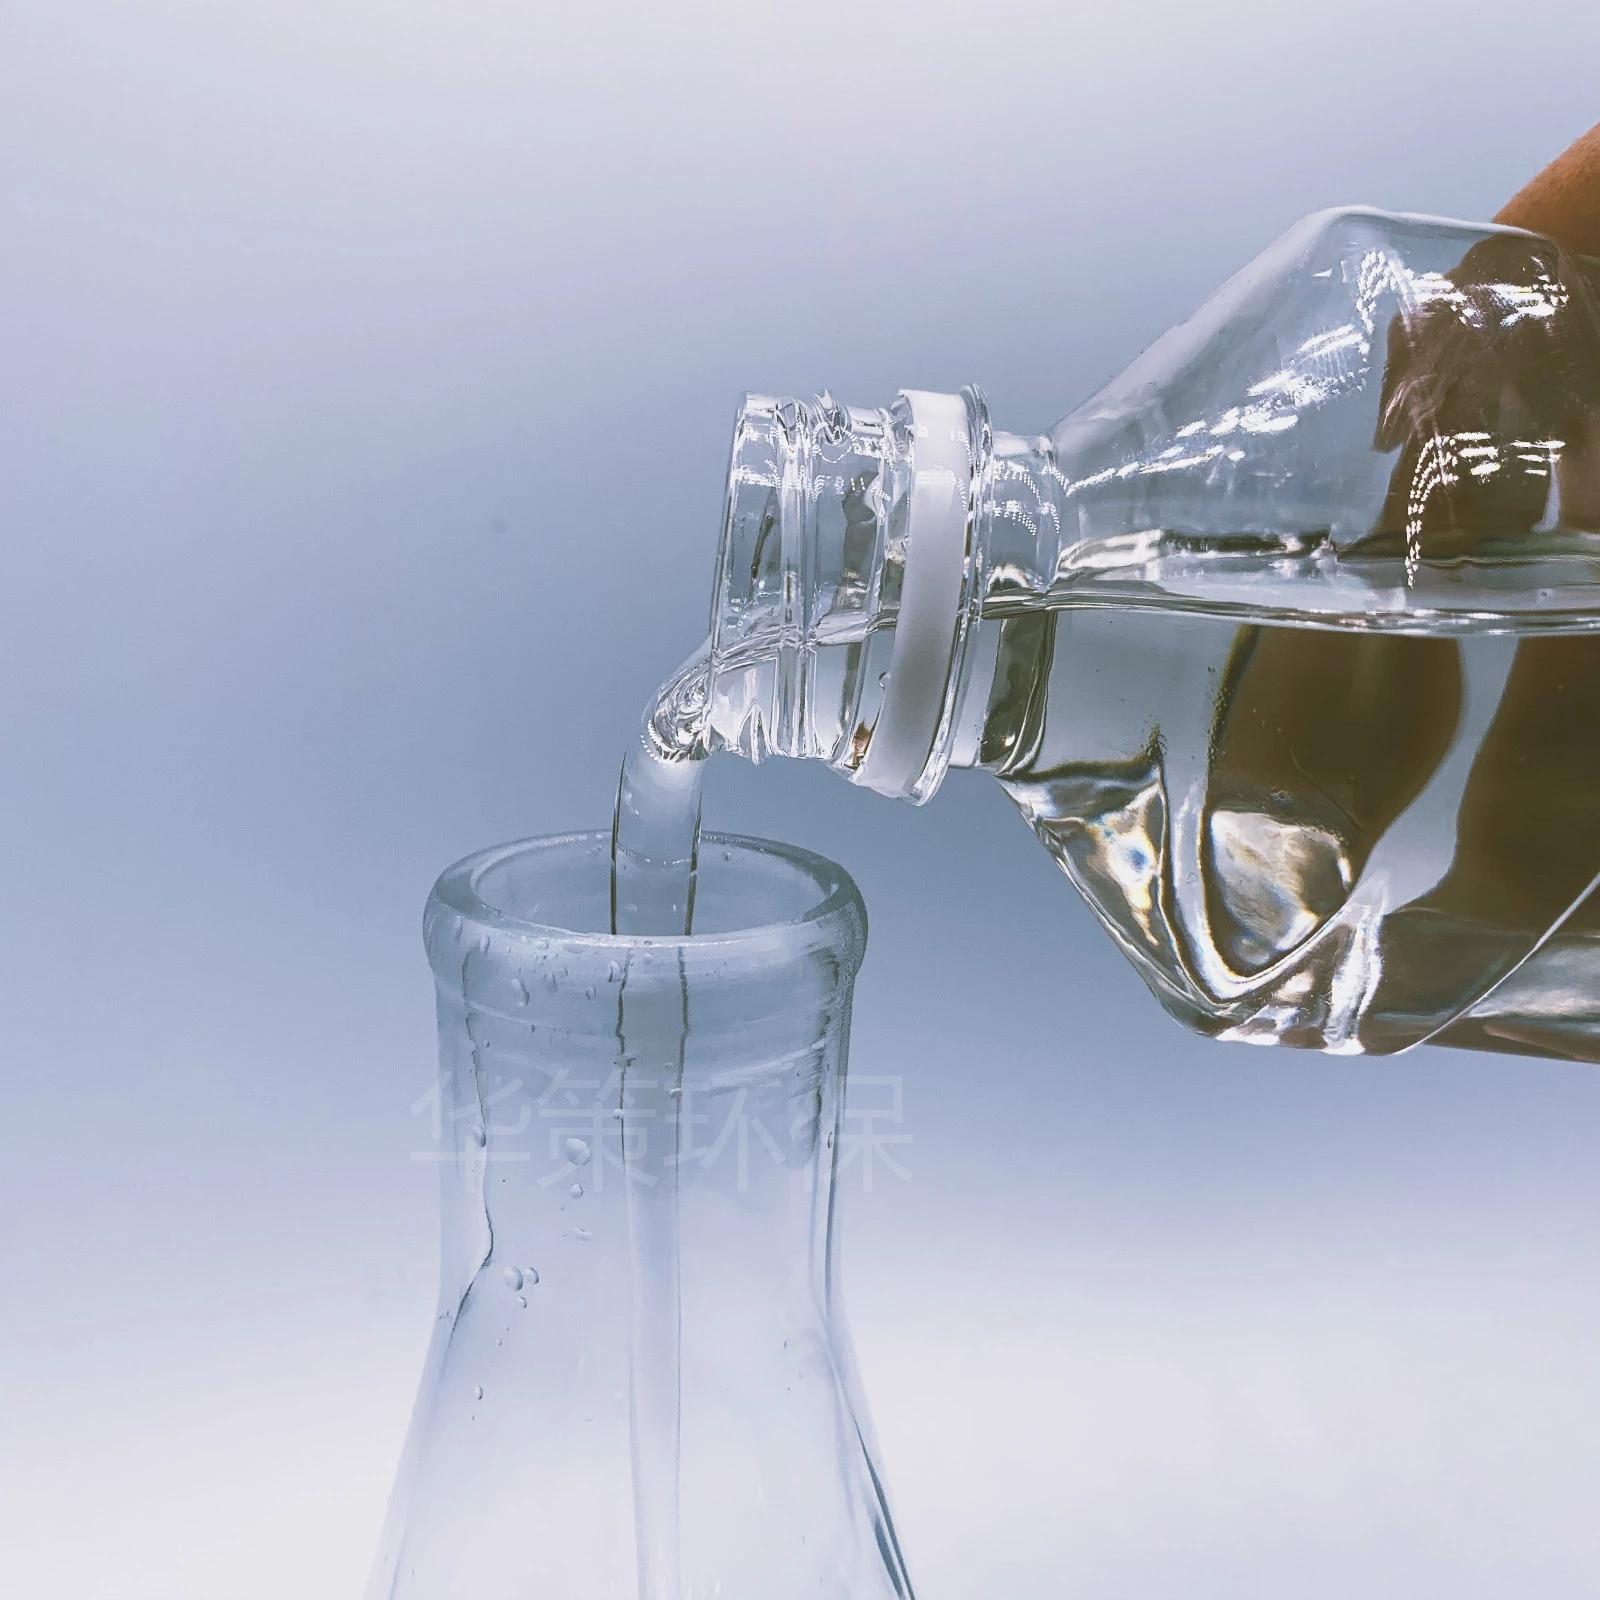 pvc增塑剂哪家好,pvc增塑剂销售,二辛酯对比,增塑剂,环保增塑剂,环保增塑剂生产